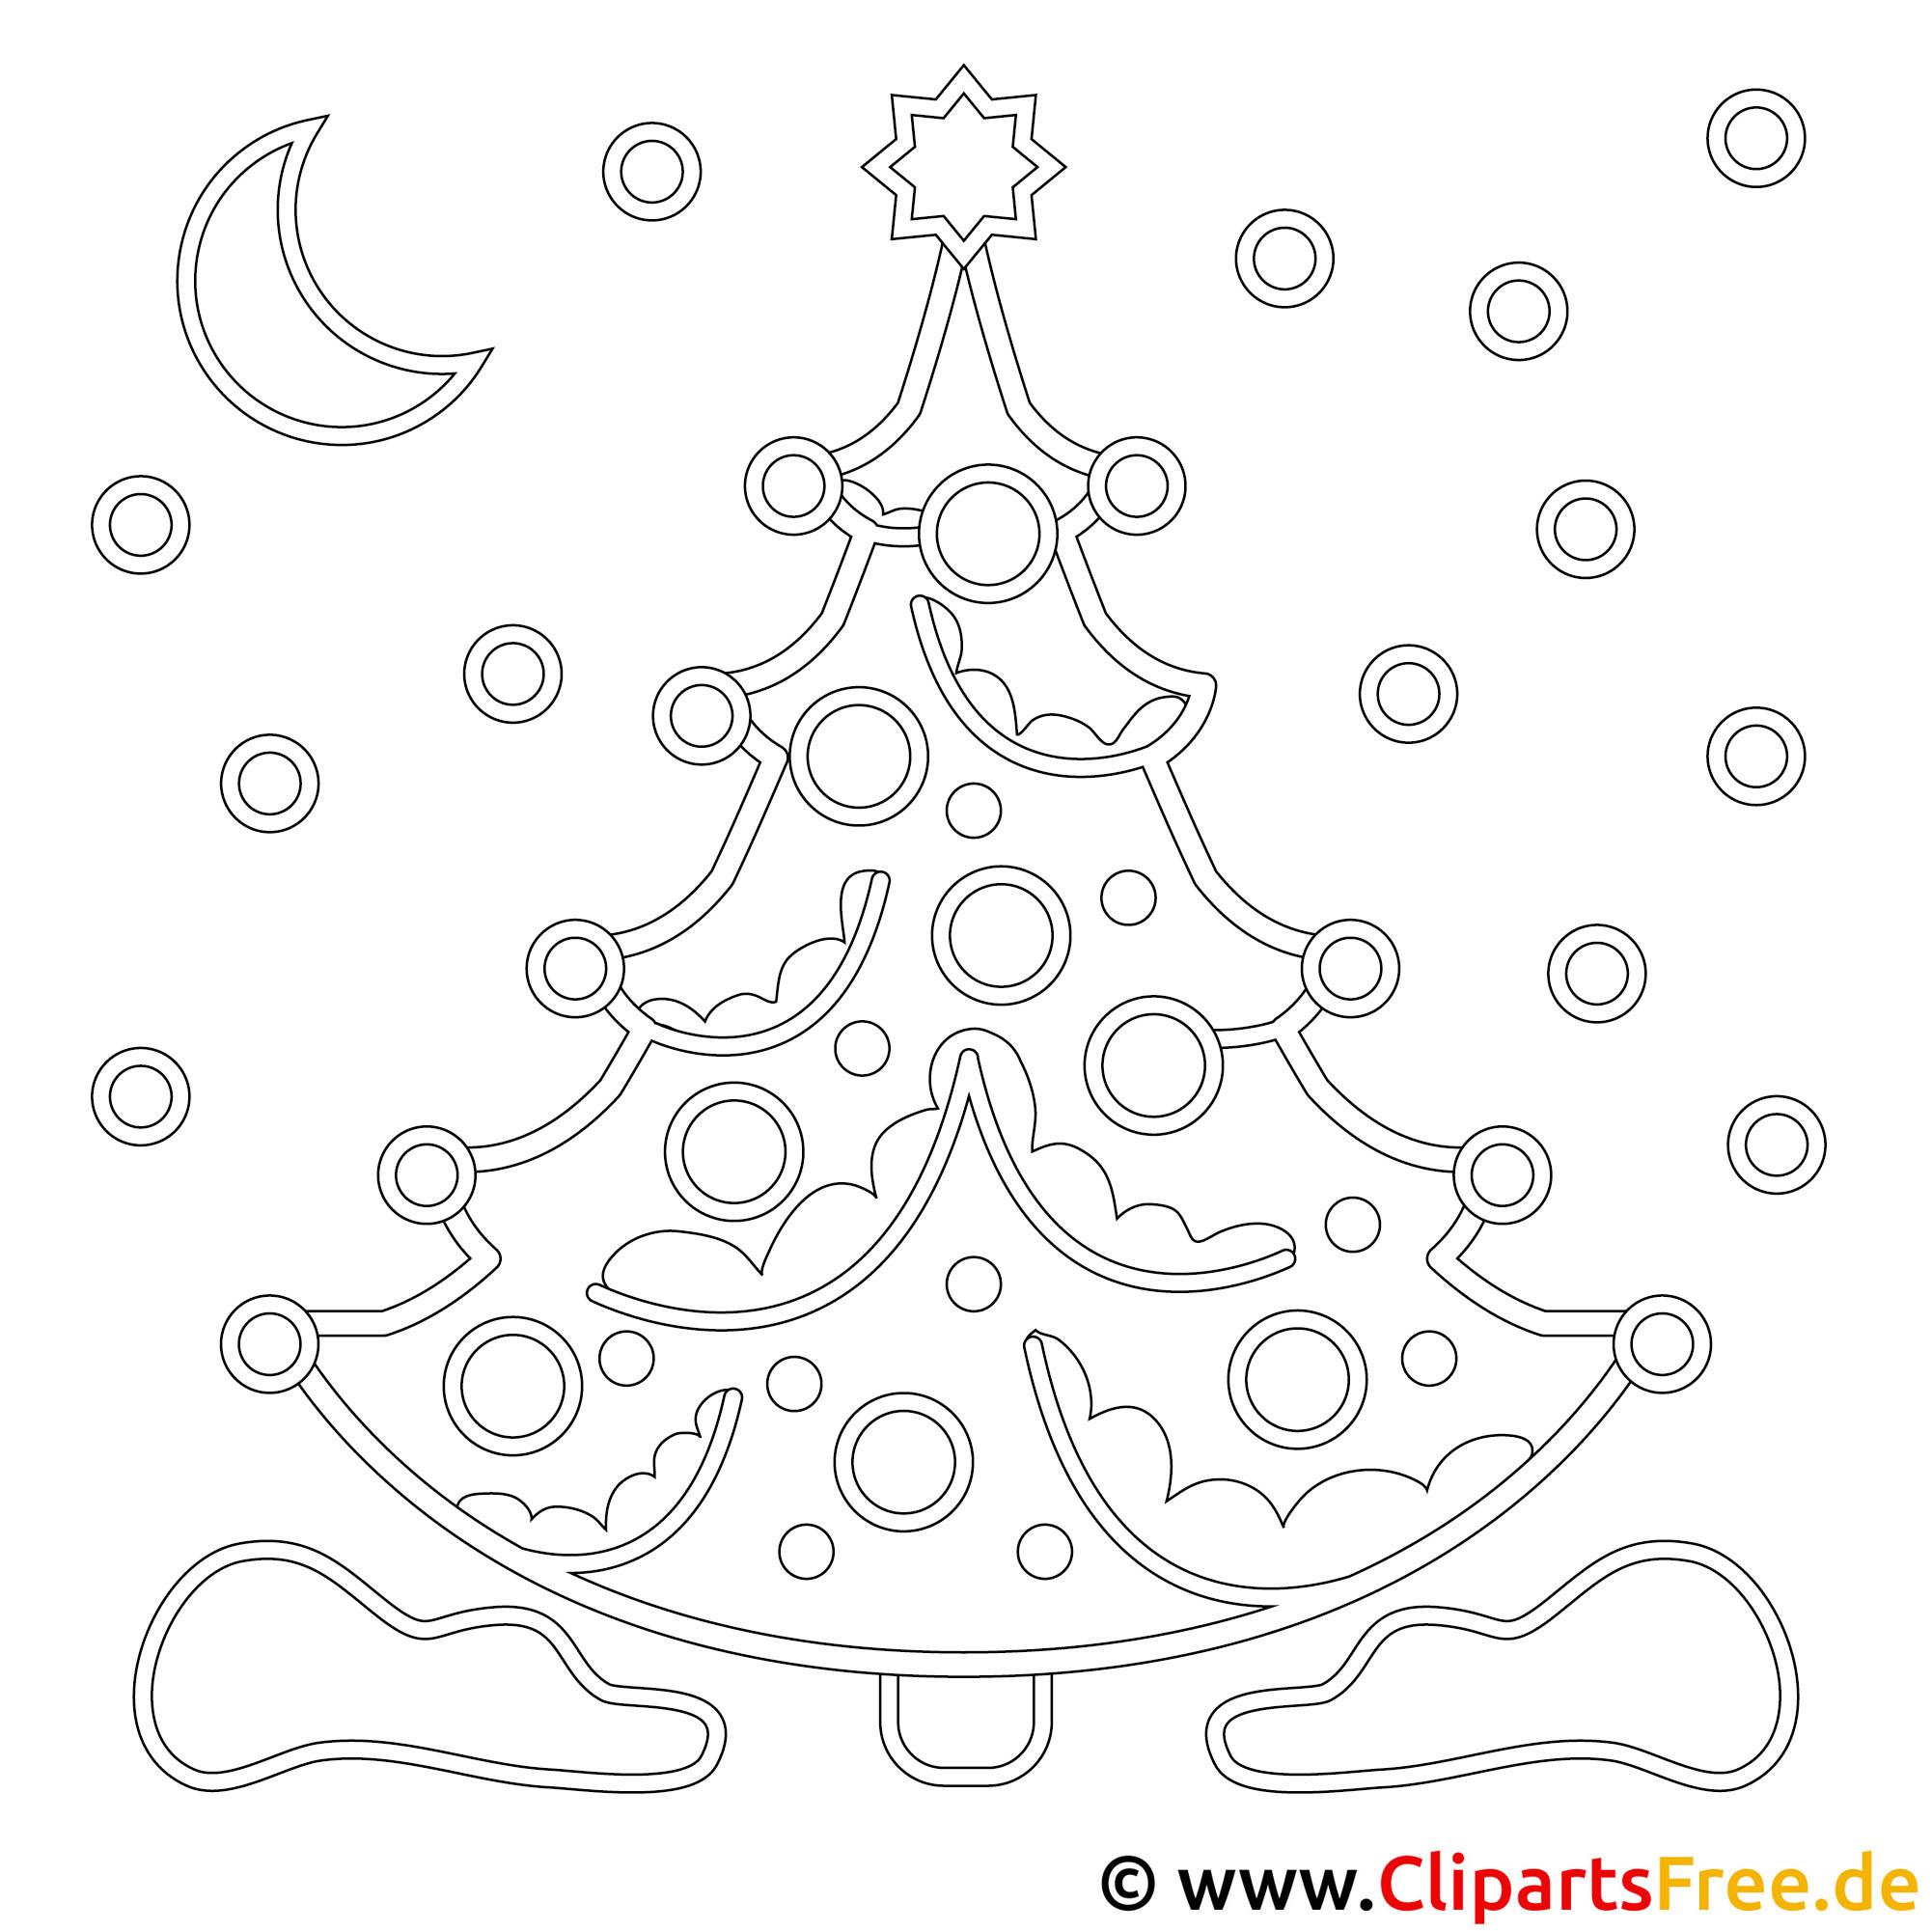 Weihnachtsbaum Bild, Malvorlage, Ausmalbild kostenlos